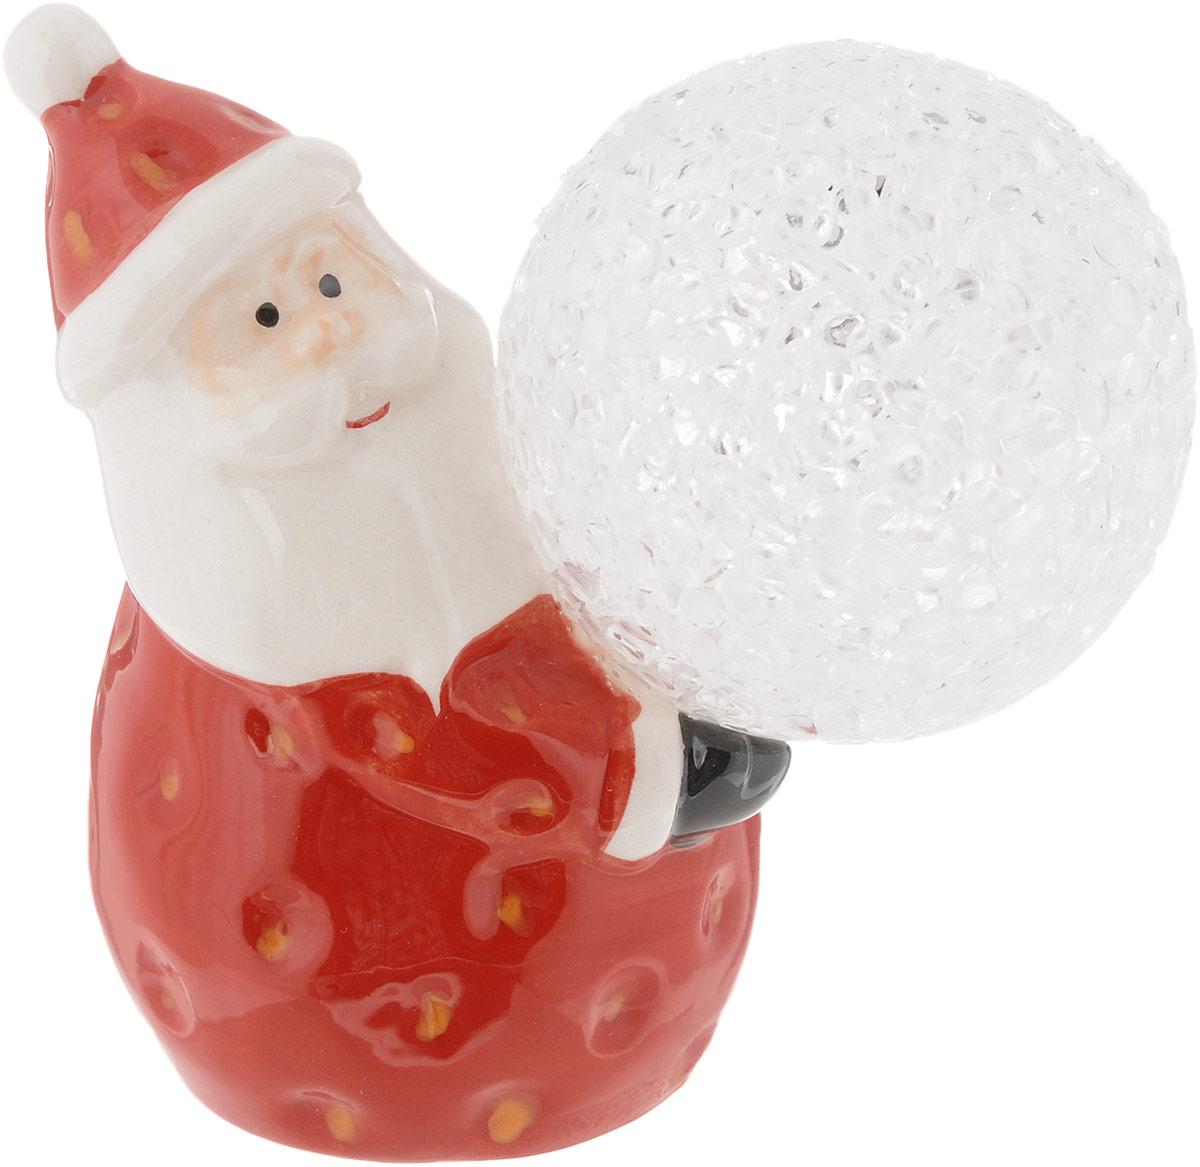 Фигурка декоративная House & Holder Дед Мороз, с подсветкой, высота 9 см игровые фигурки maxitoys фигура дед мороз в плетеном кресле музыкальный